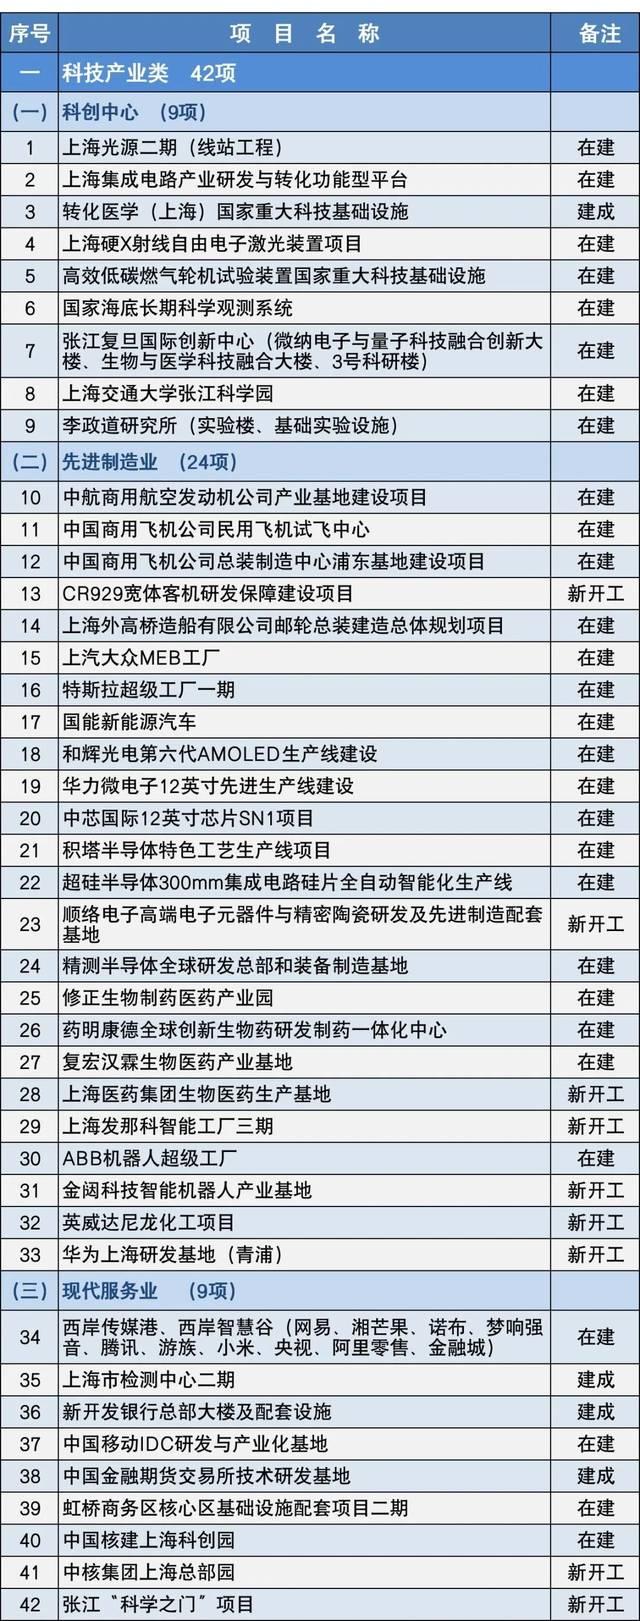 沪年内重大项目清单:CR929、华